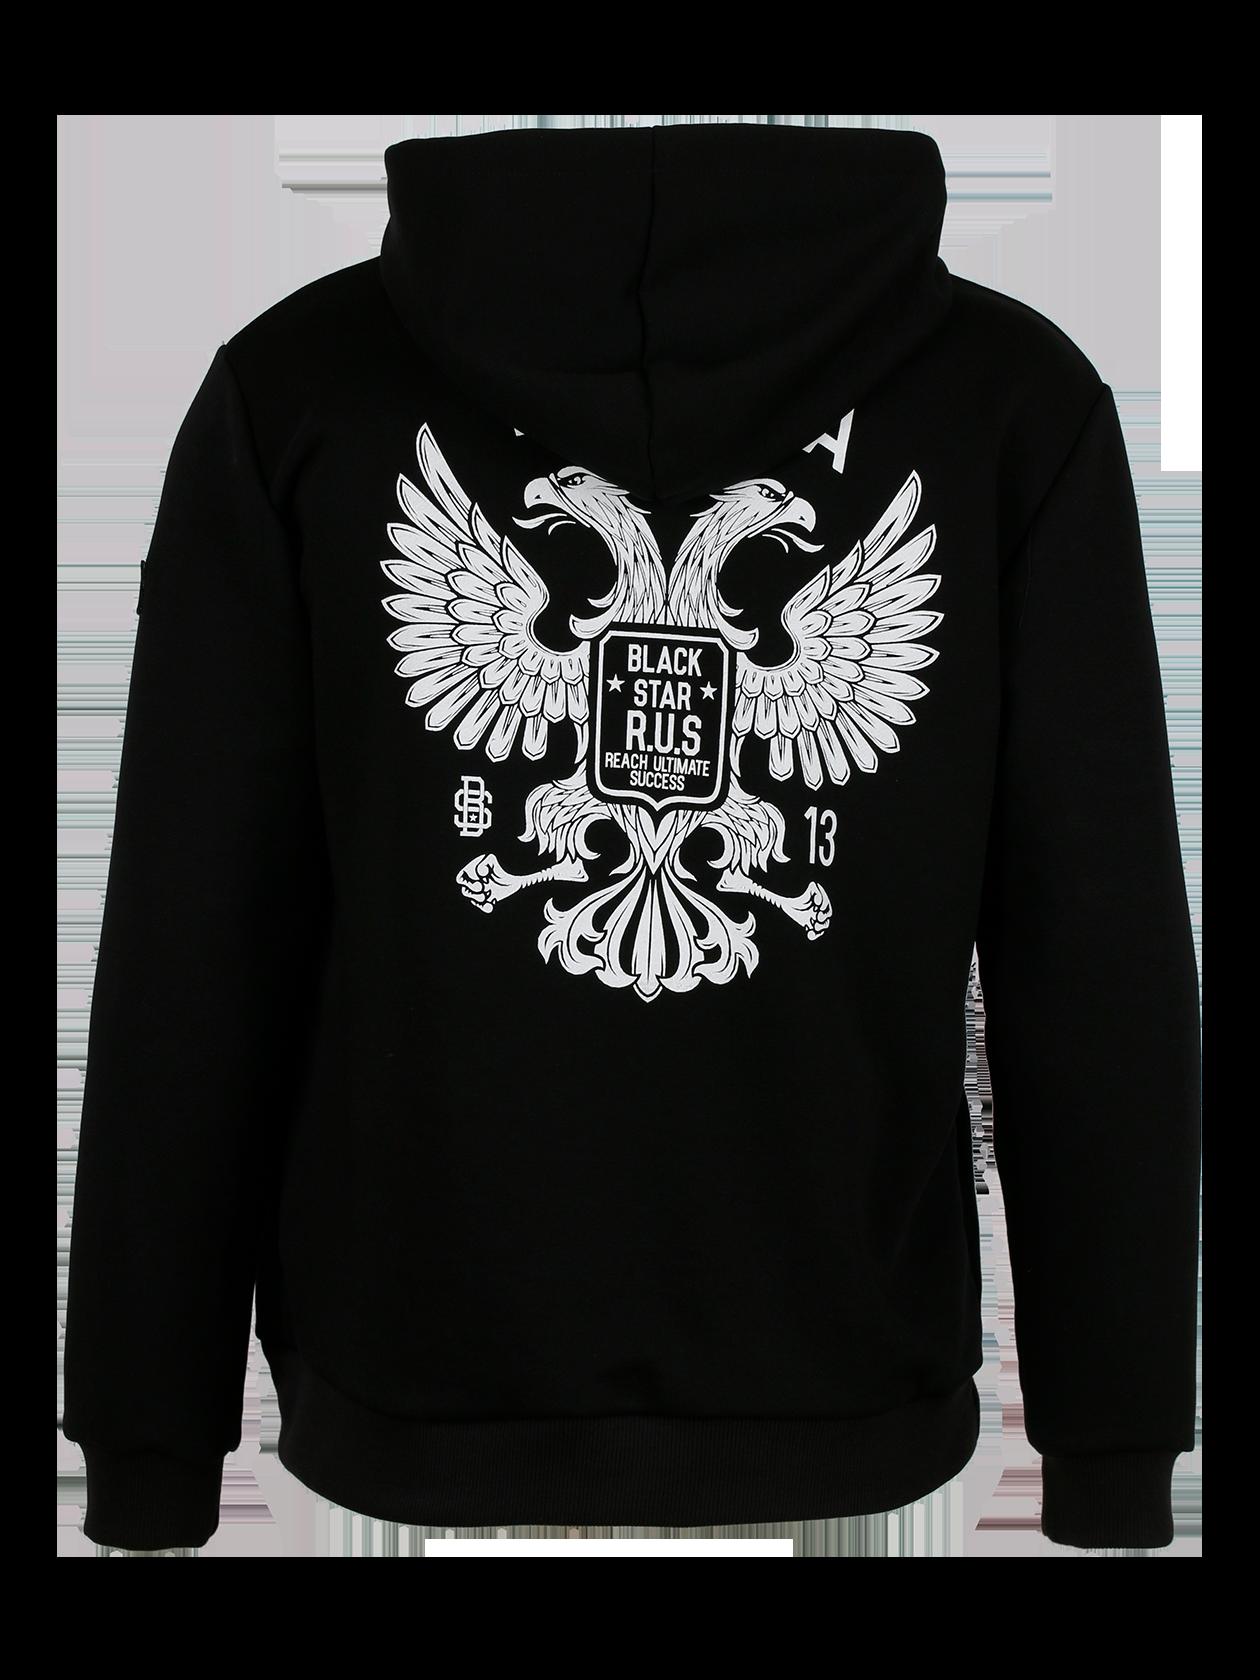 Mens sweatsuit RUSSIA GERBКостюм спортивный мужской Russia Gerb – для тех, кто заботится о своем стиле каждый день. Комплект выполнен в черном цвете, отличается практичностью за счет натурального футера. Толстовка со слитным капюшоном на завязках и вместительным карманом-кенгуру спереди. Прямой свободный крой дополнен широкими эластичными манжетами и низом для лучшей посадки. Джоггеры заужены к низу трикотажной резинкой. Широкий пояс хорошо фиксирует вещь по фигуре. На левом плече нашивка «российский триколор». Идеальный вариант для отдыха, спорта и повседневной жизни.<br><br>size: M<br>color: Black<br>gender: male